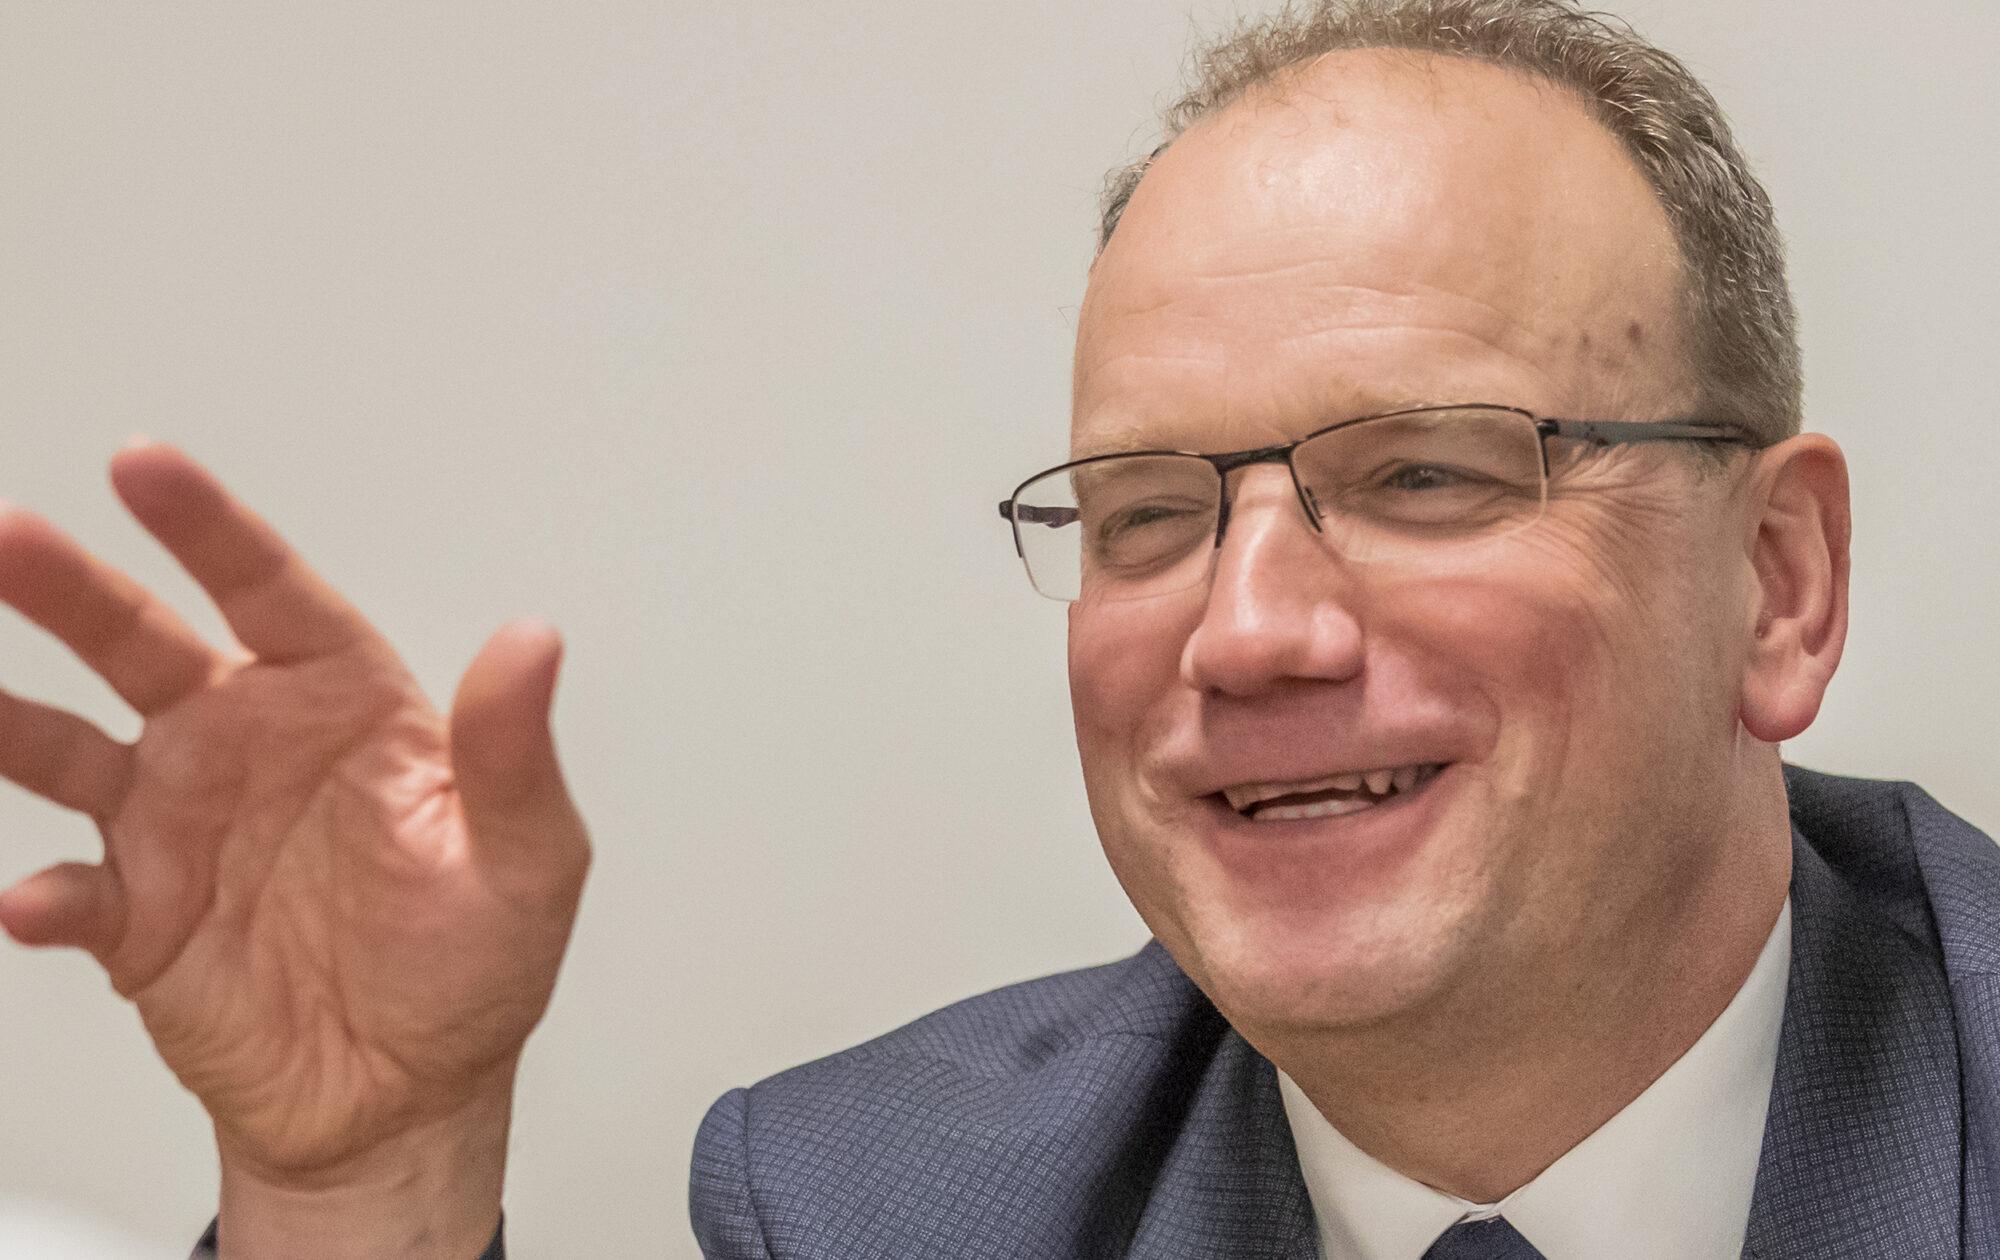 Burgemeester Ton Heerts: 'Meisje van 8 vroeg me: bent u de boef?'